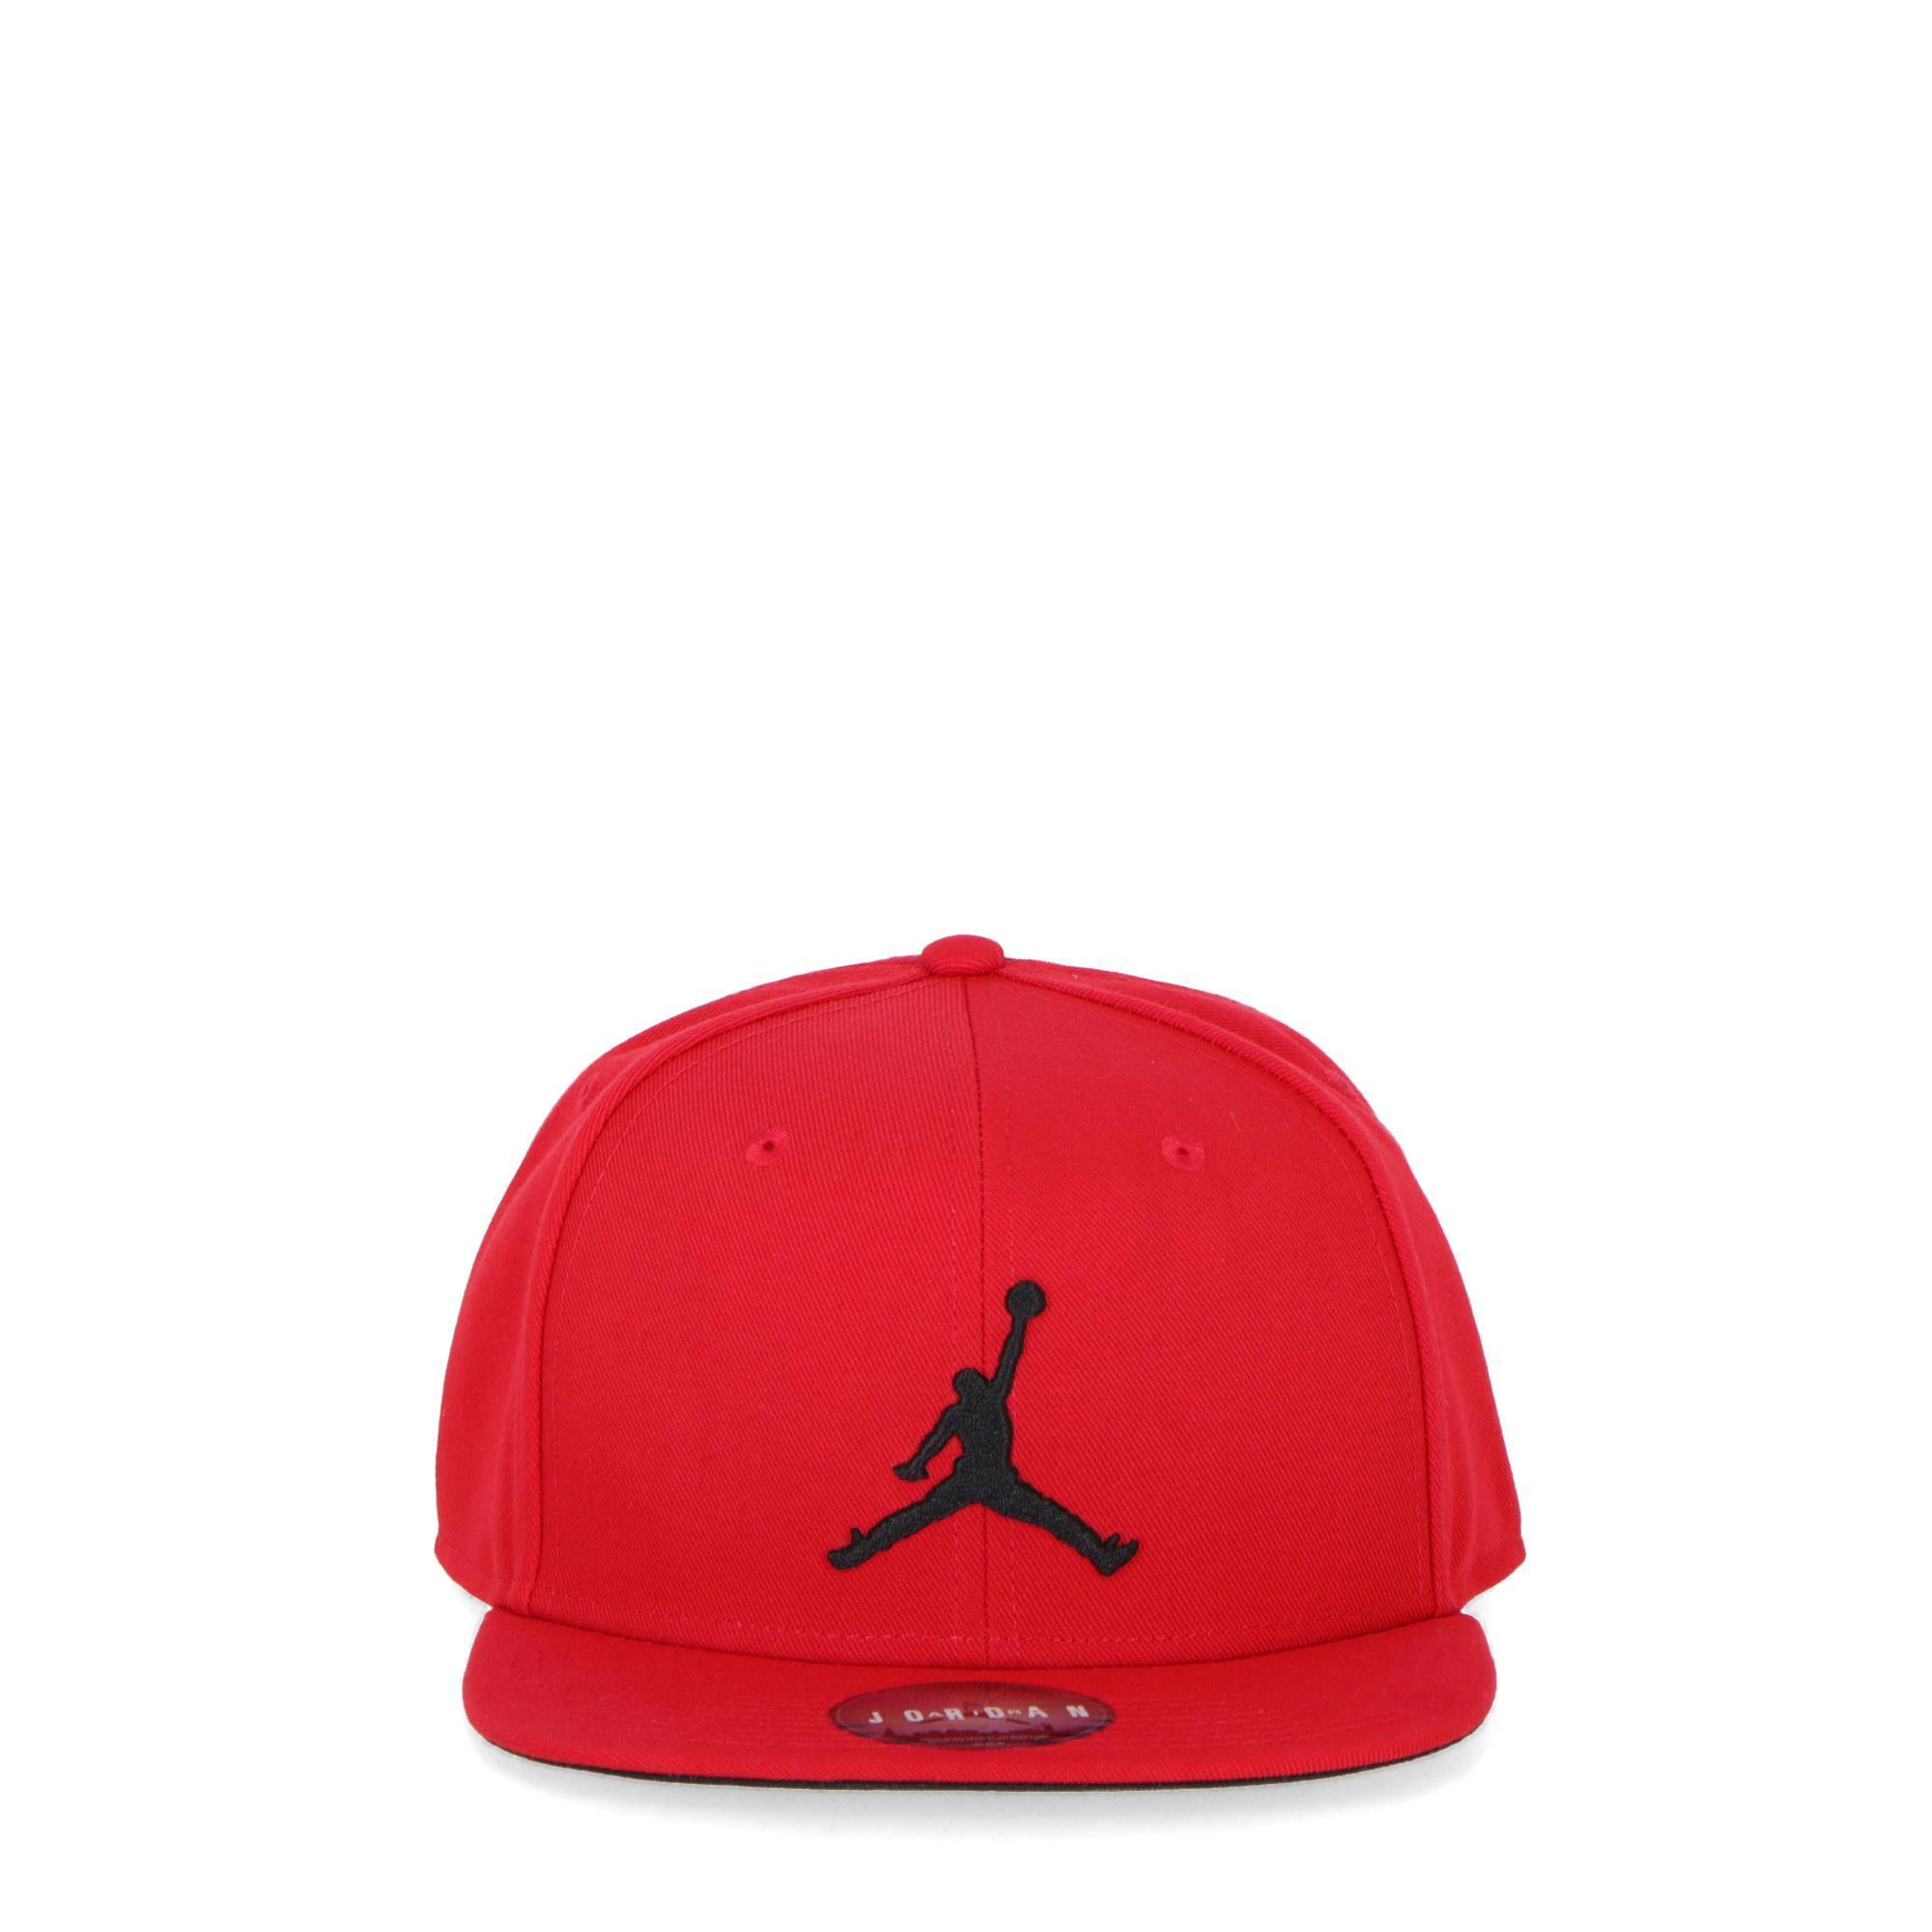 size 40 90ef4 01bd8 Jordan Pro Jumpman Snapback br   GYM RED